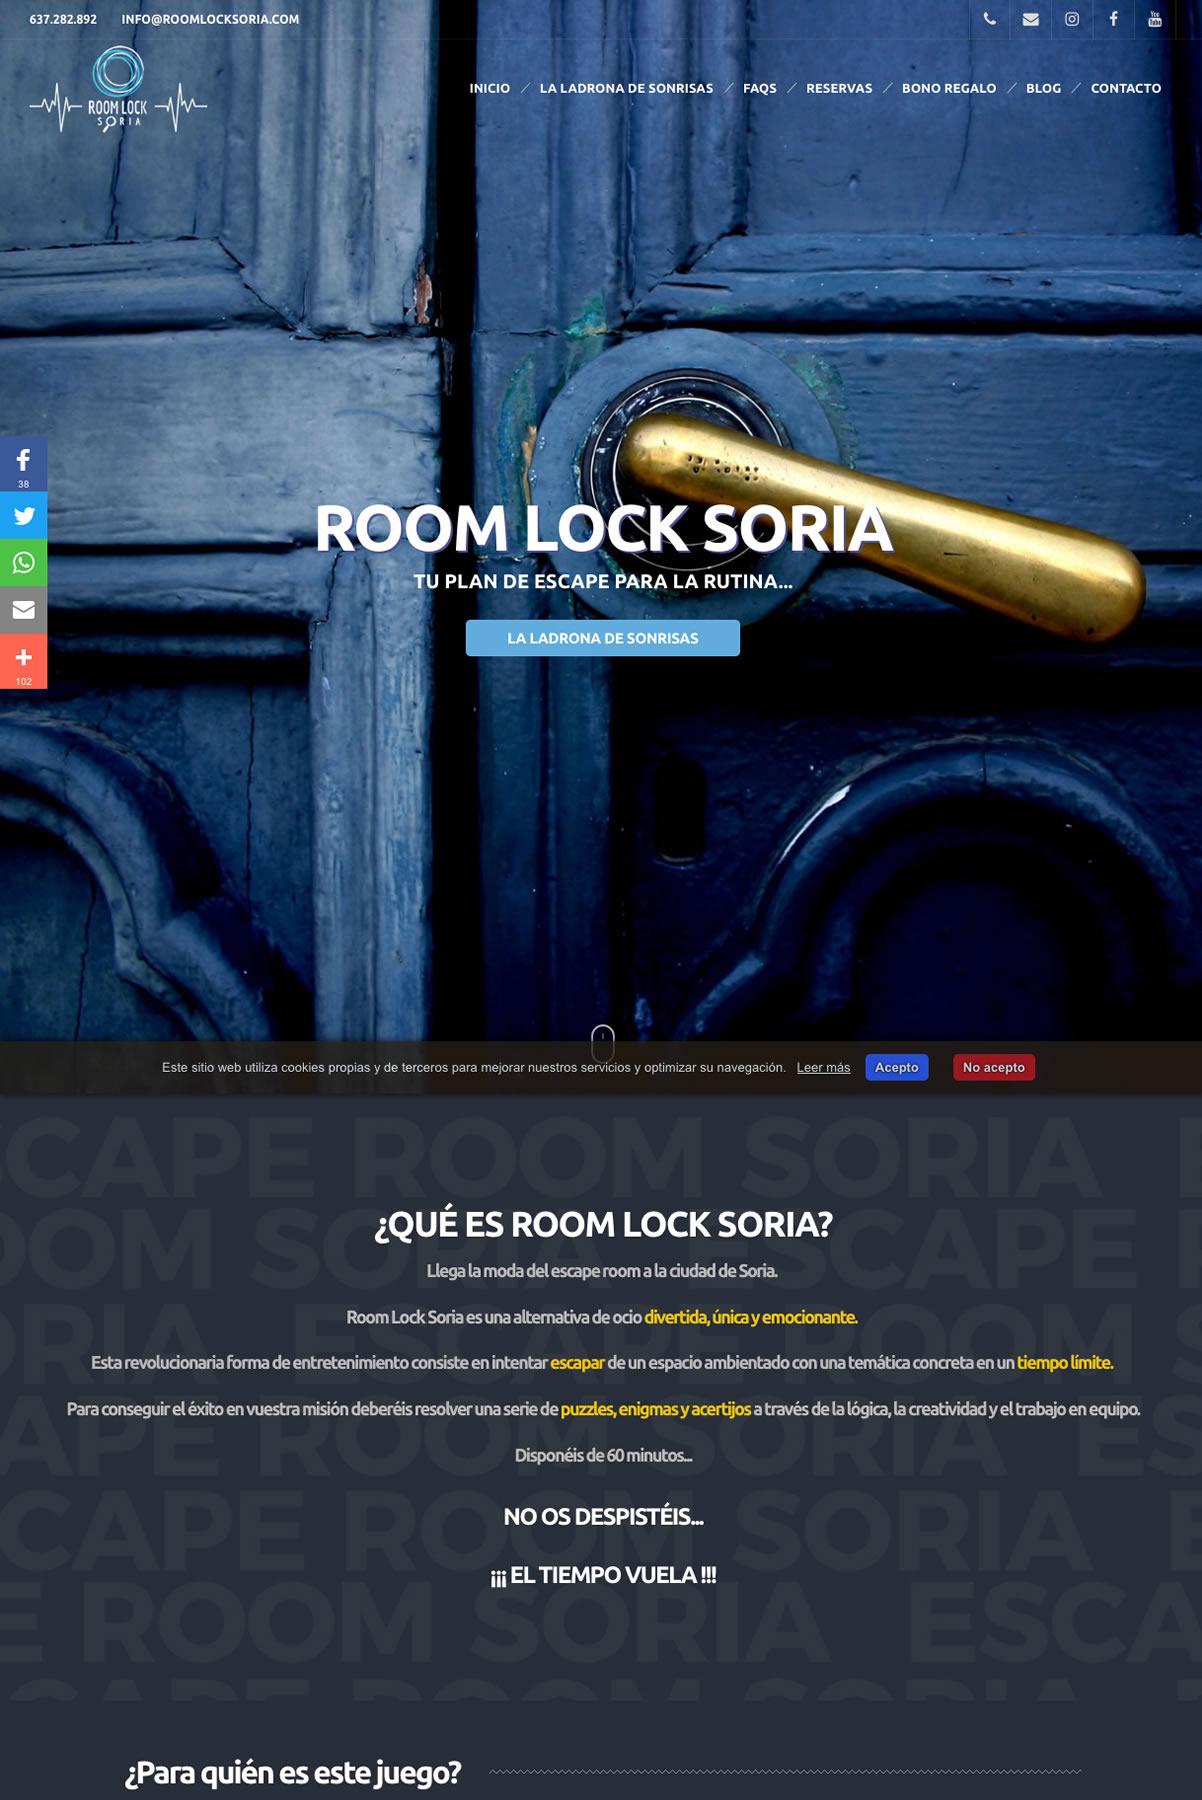 Room Lock Soria